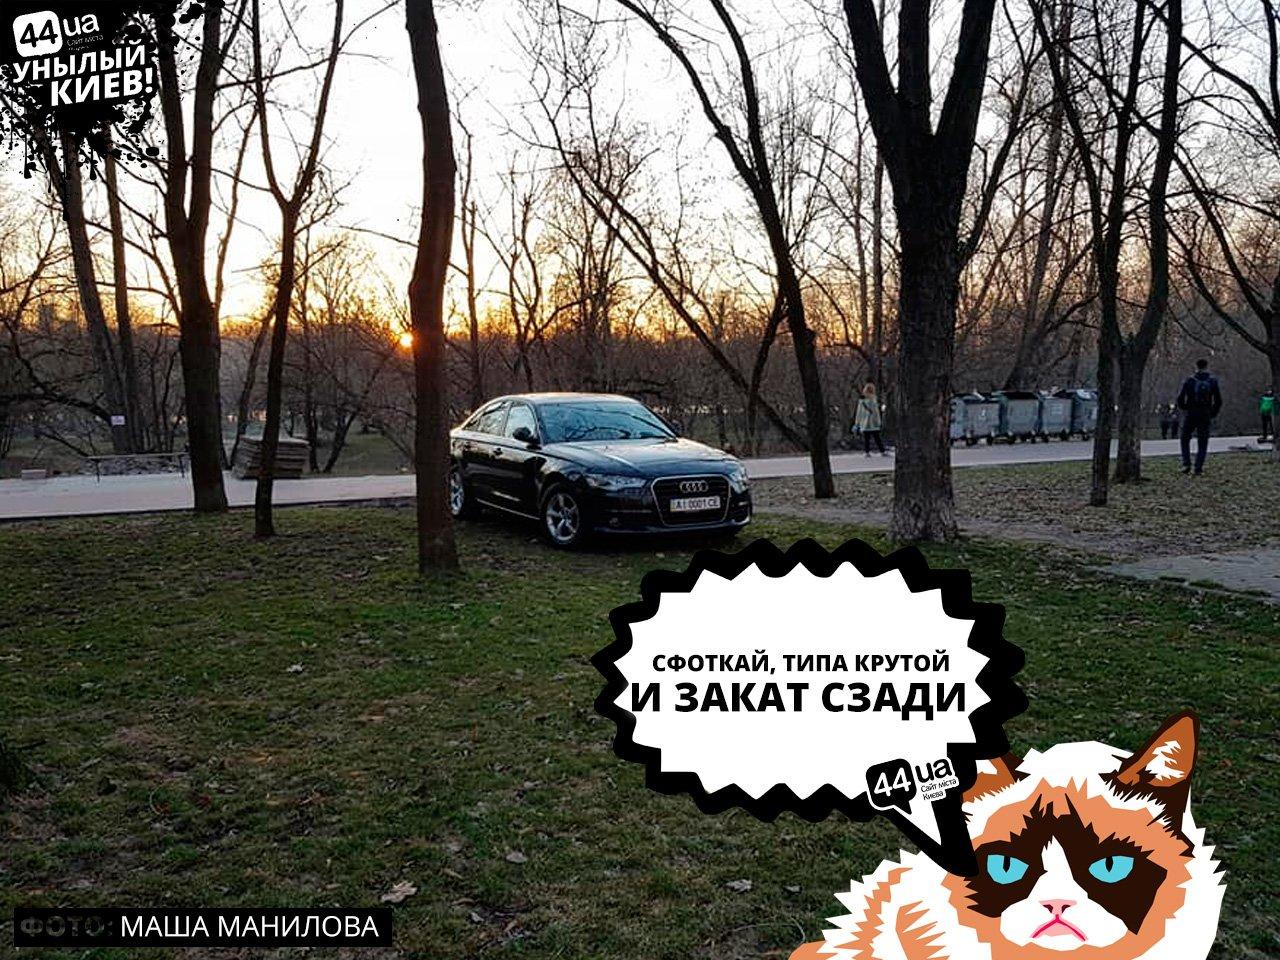 Унылый Киев: ТОП-7 героев парковки, живущих в столице, фото-7